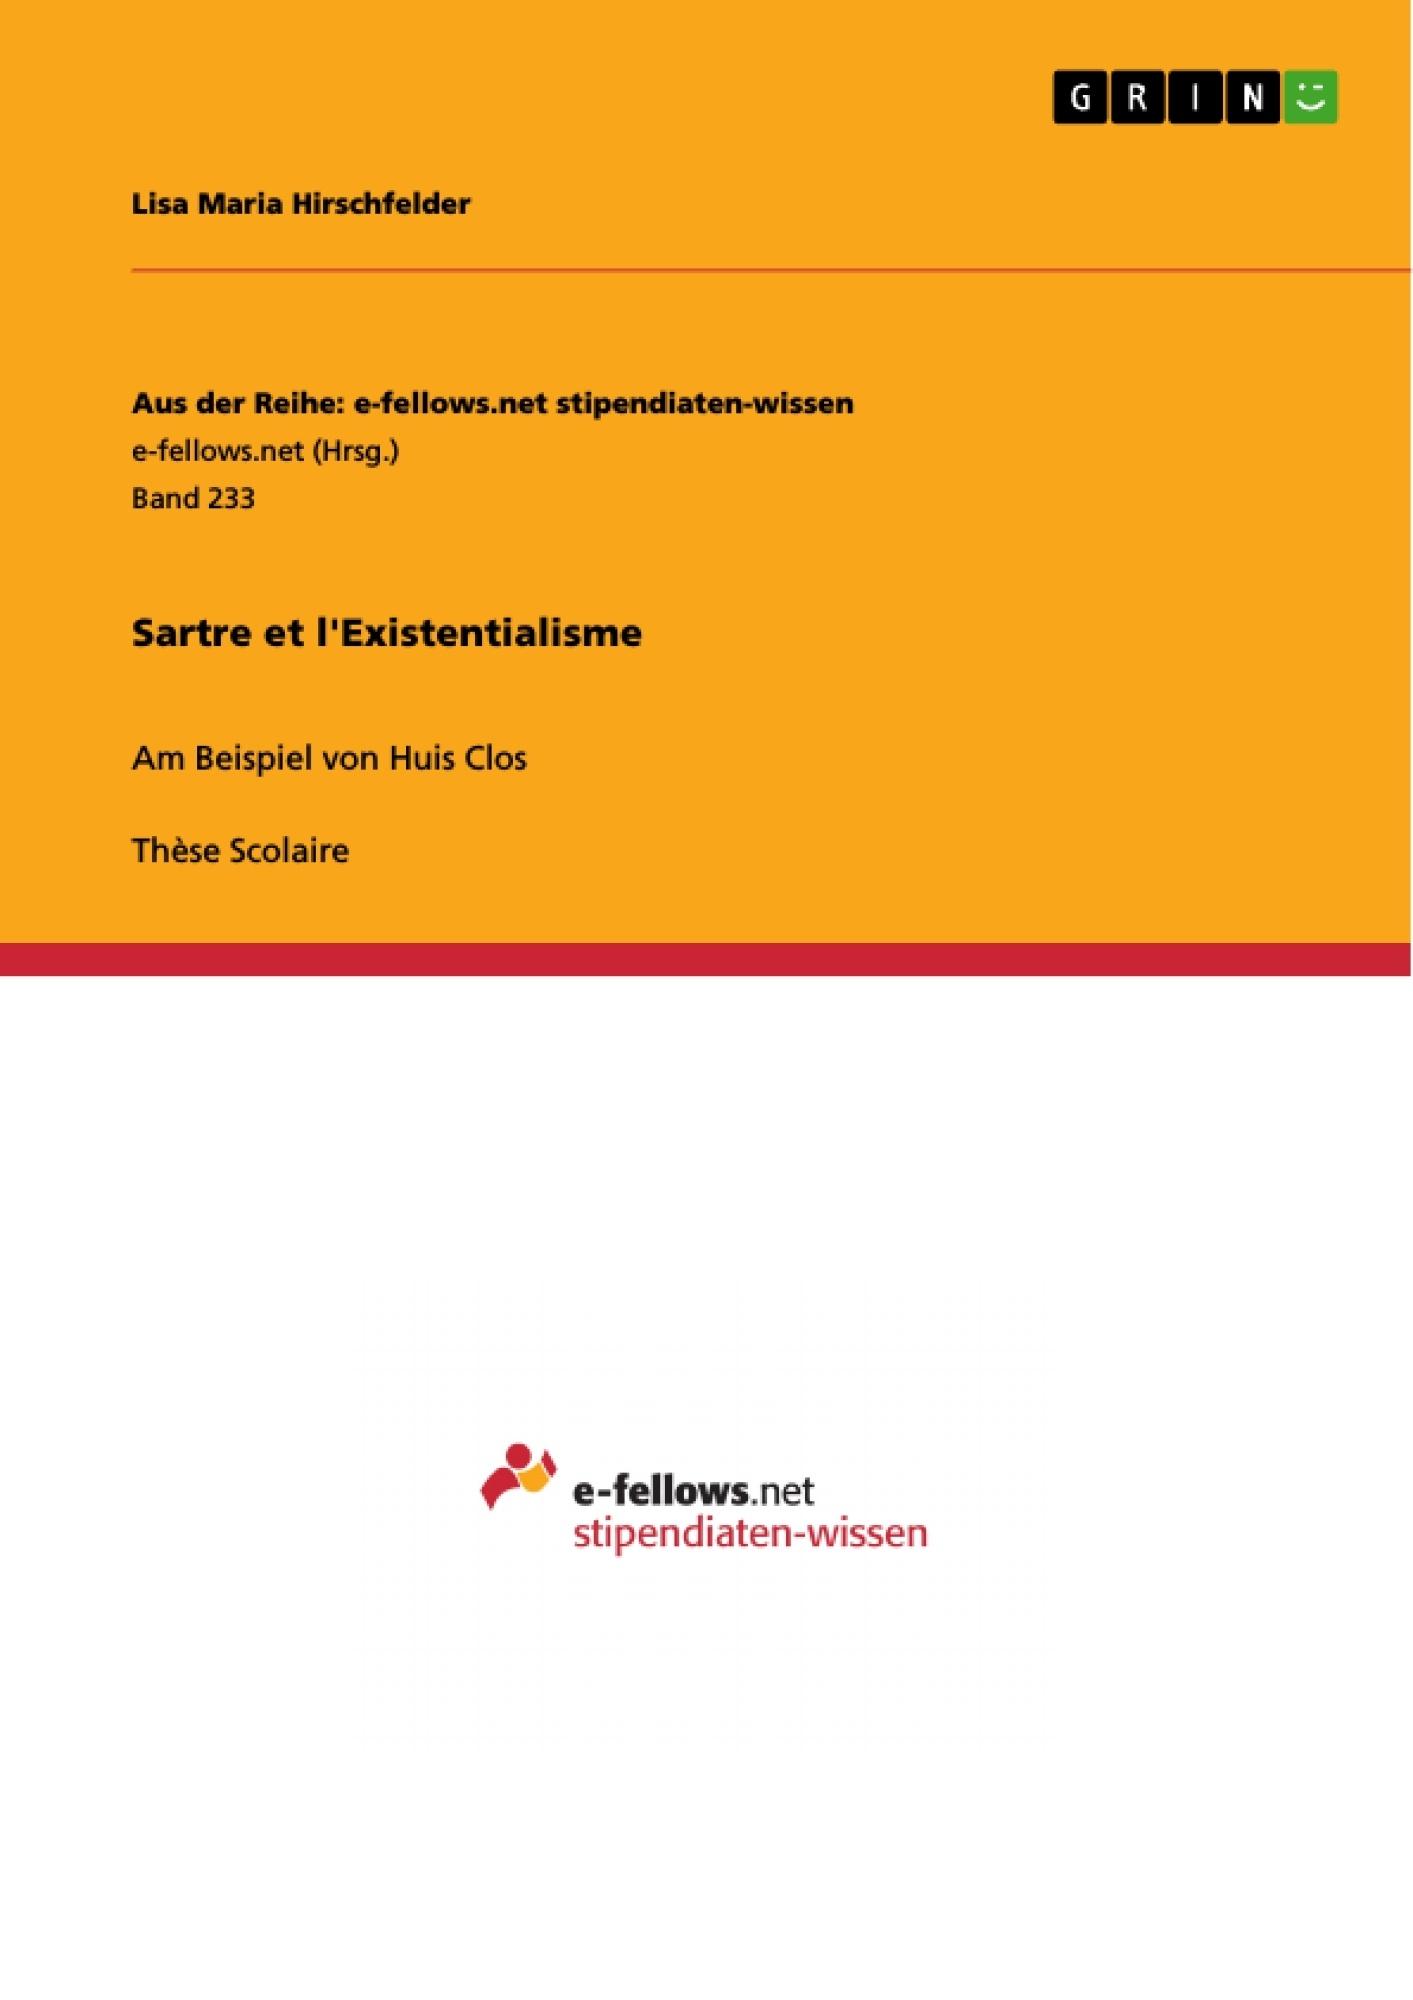 Titre: Sartre et l'Existentialisme